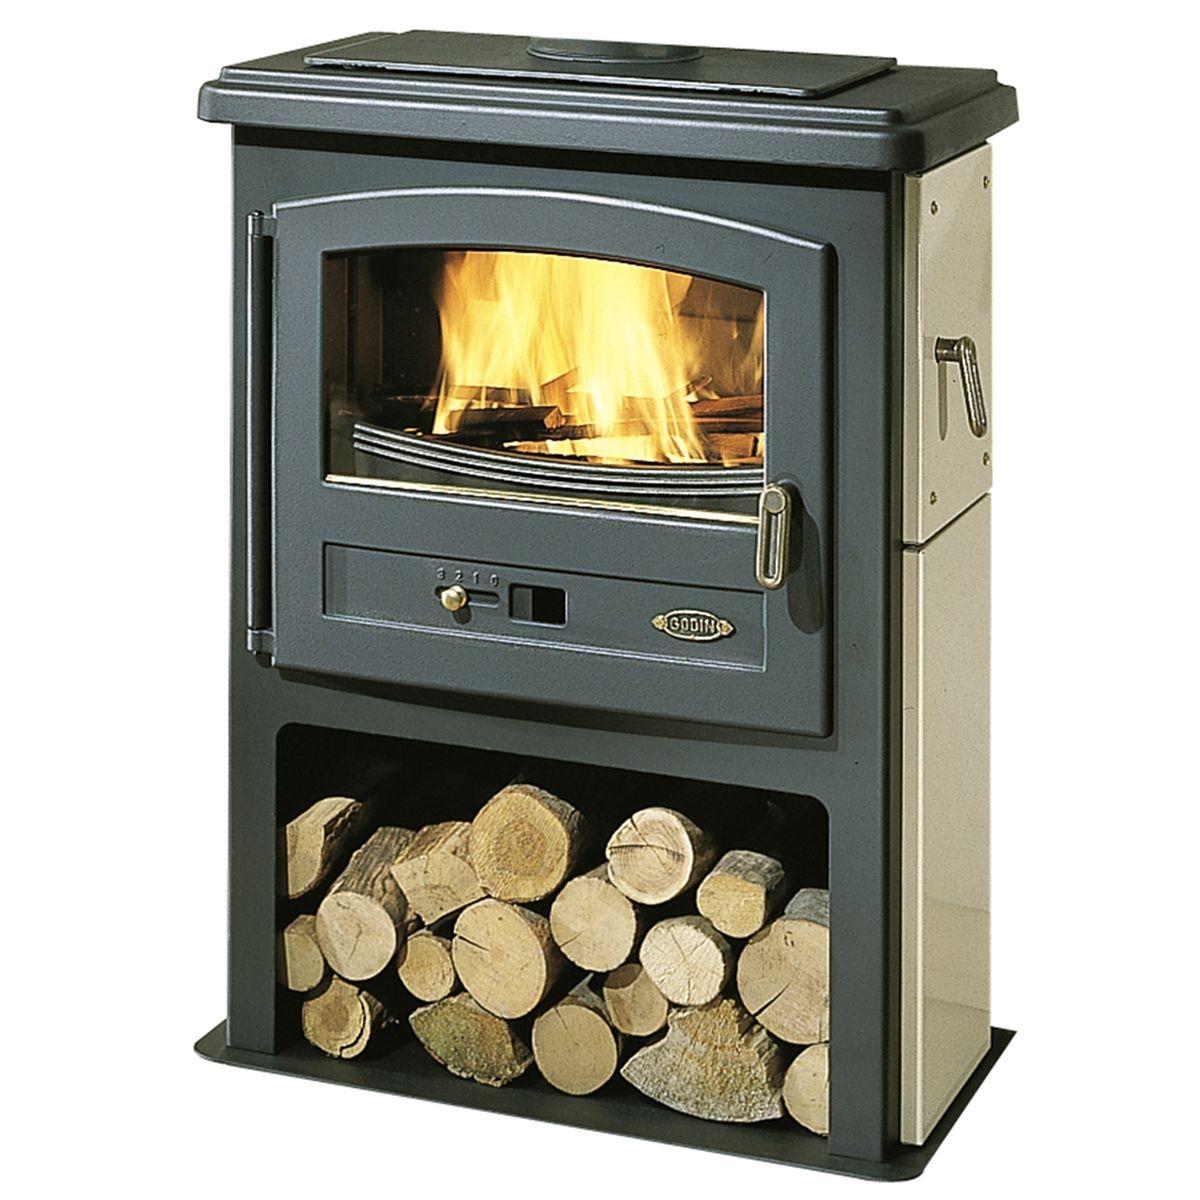 Poêle à bois Eco 363101